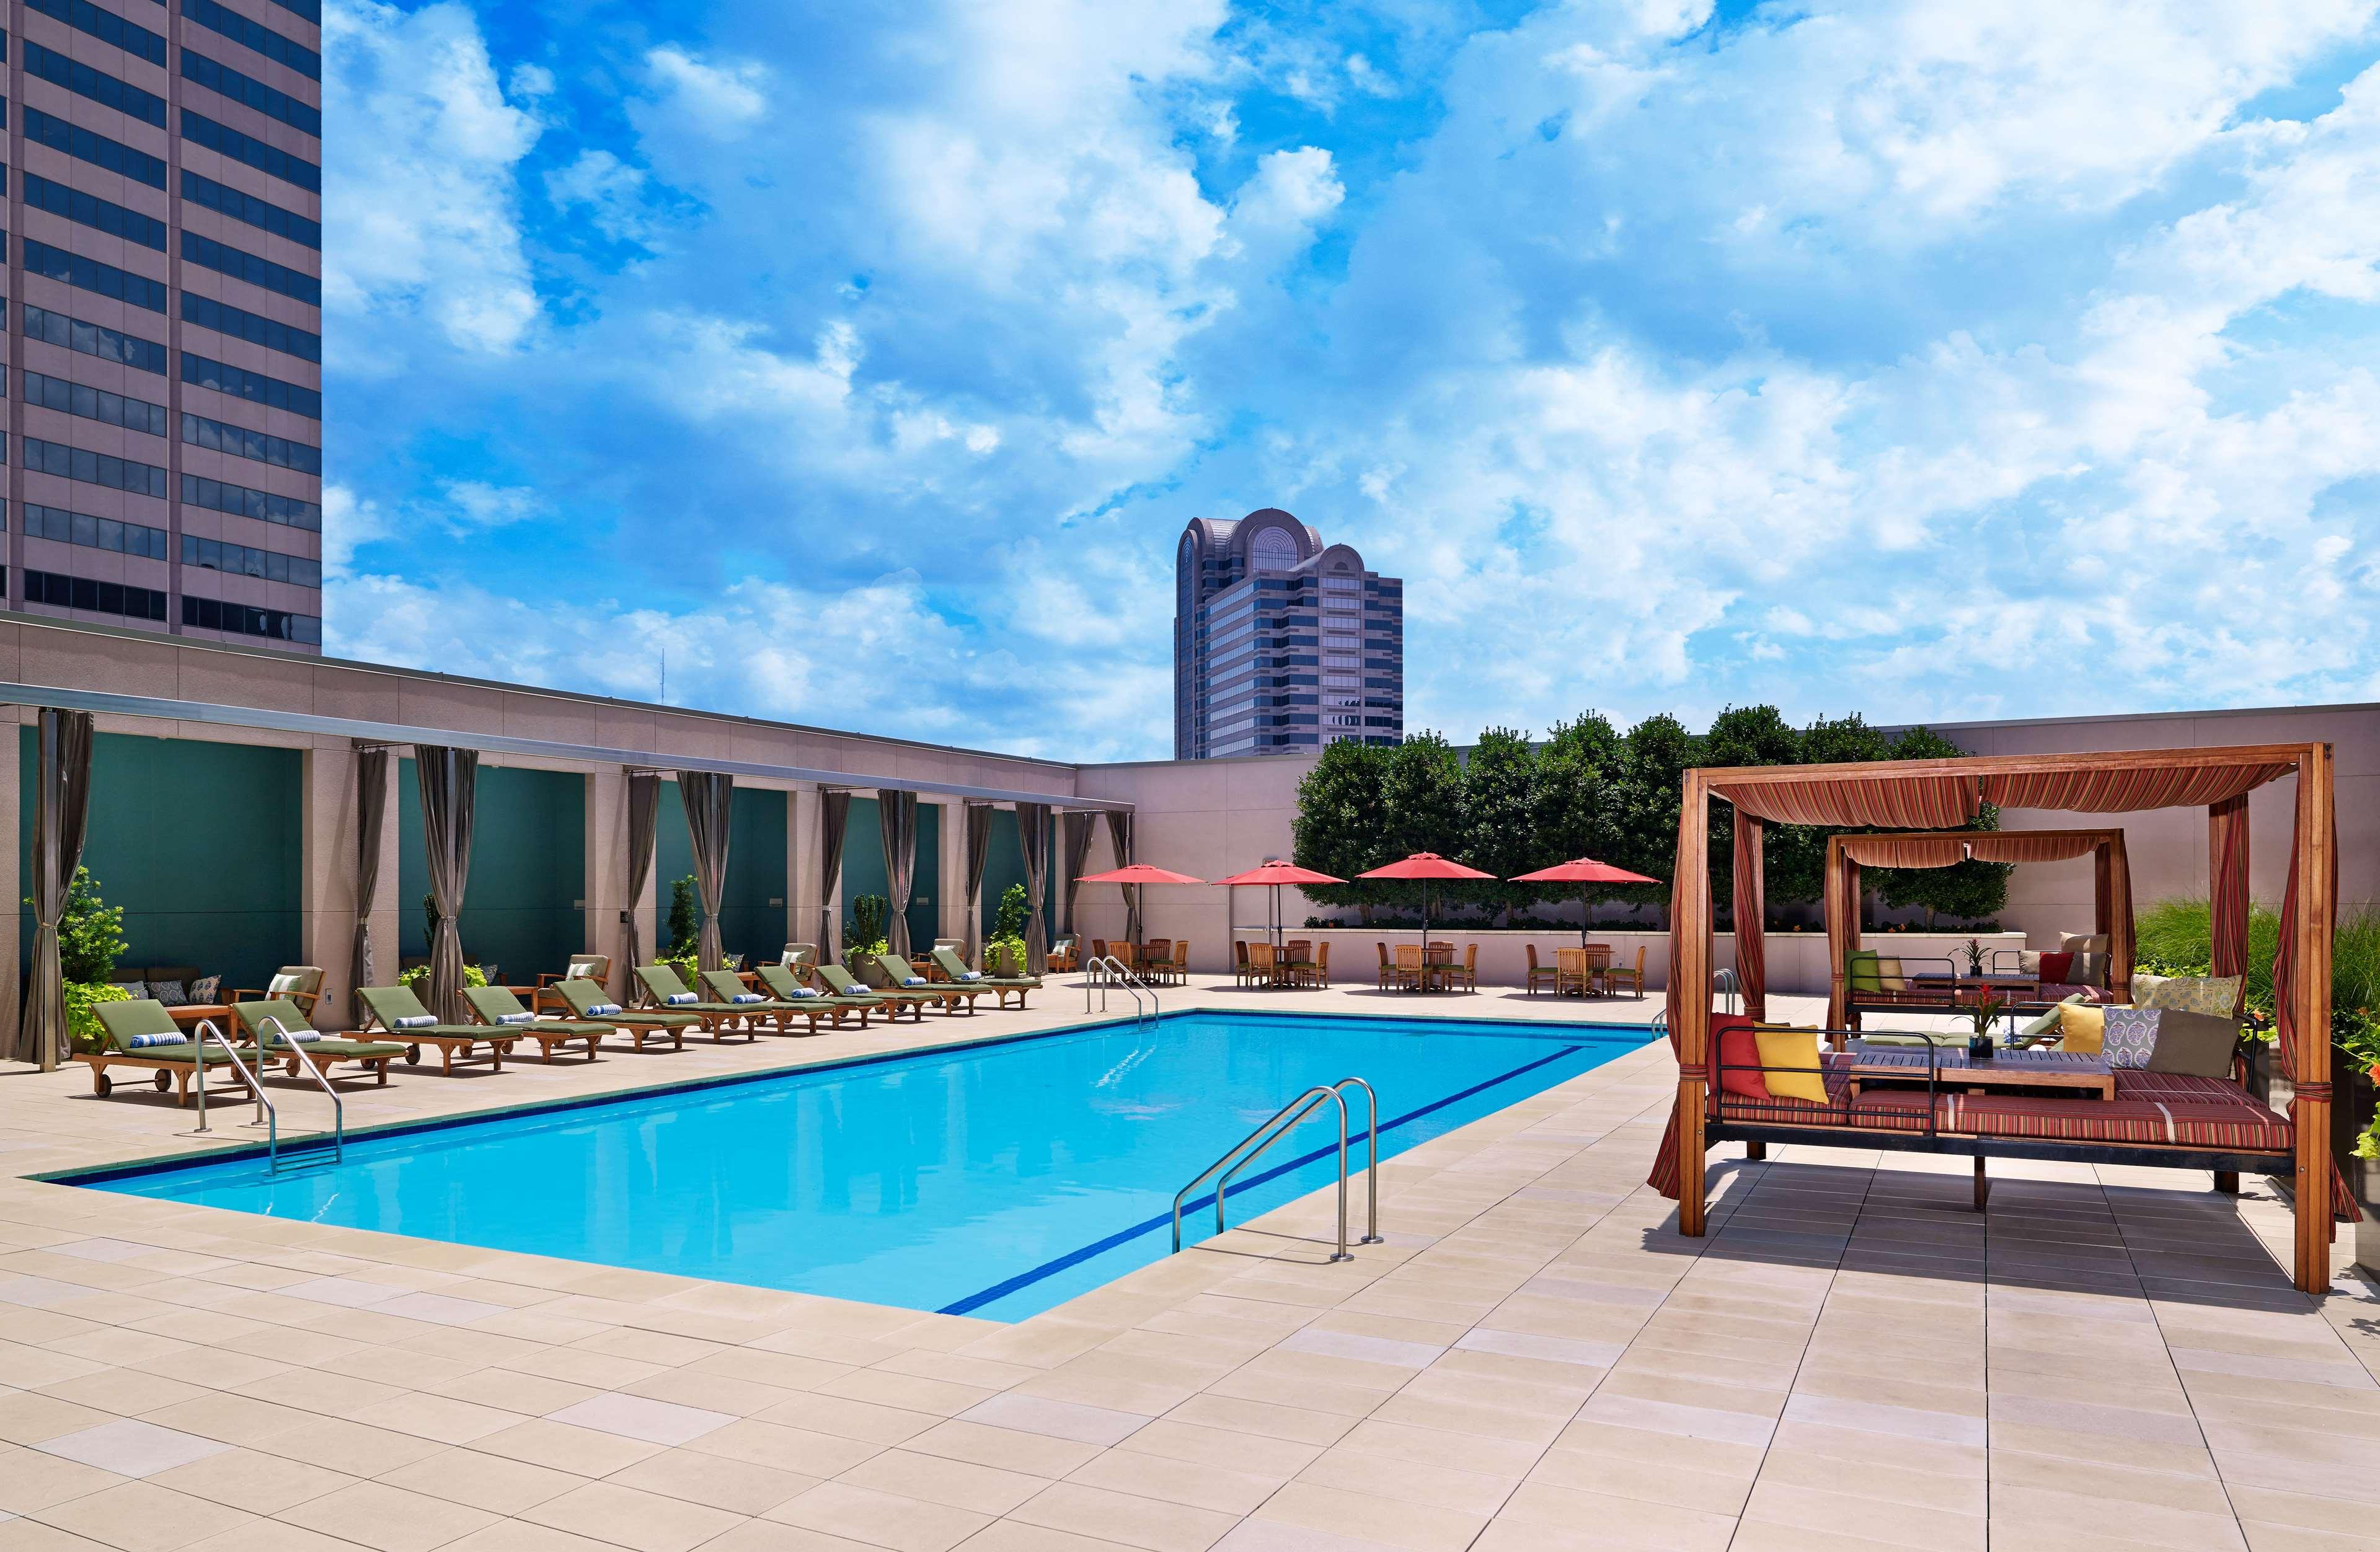 The Westin Galleria Dallas image 1